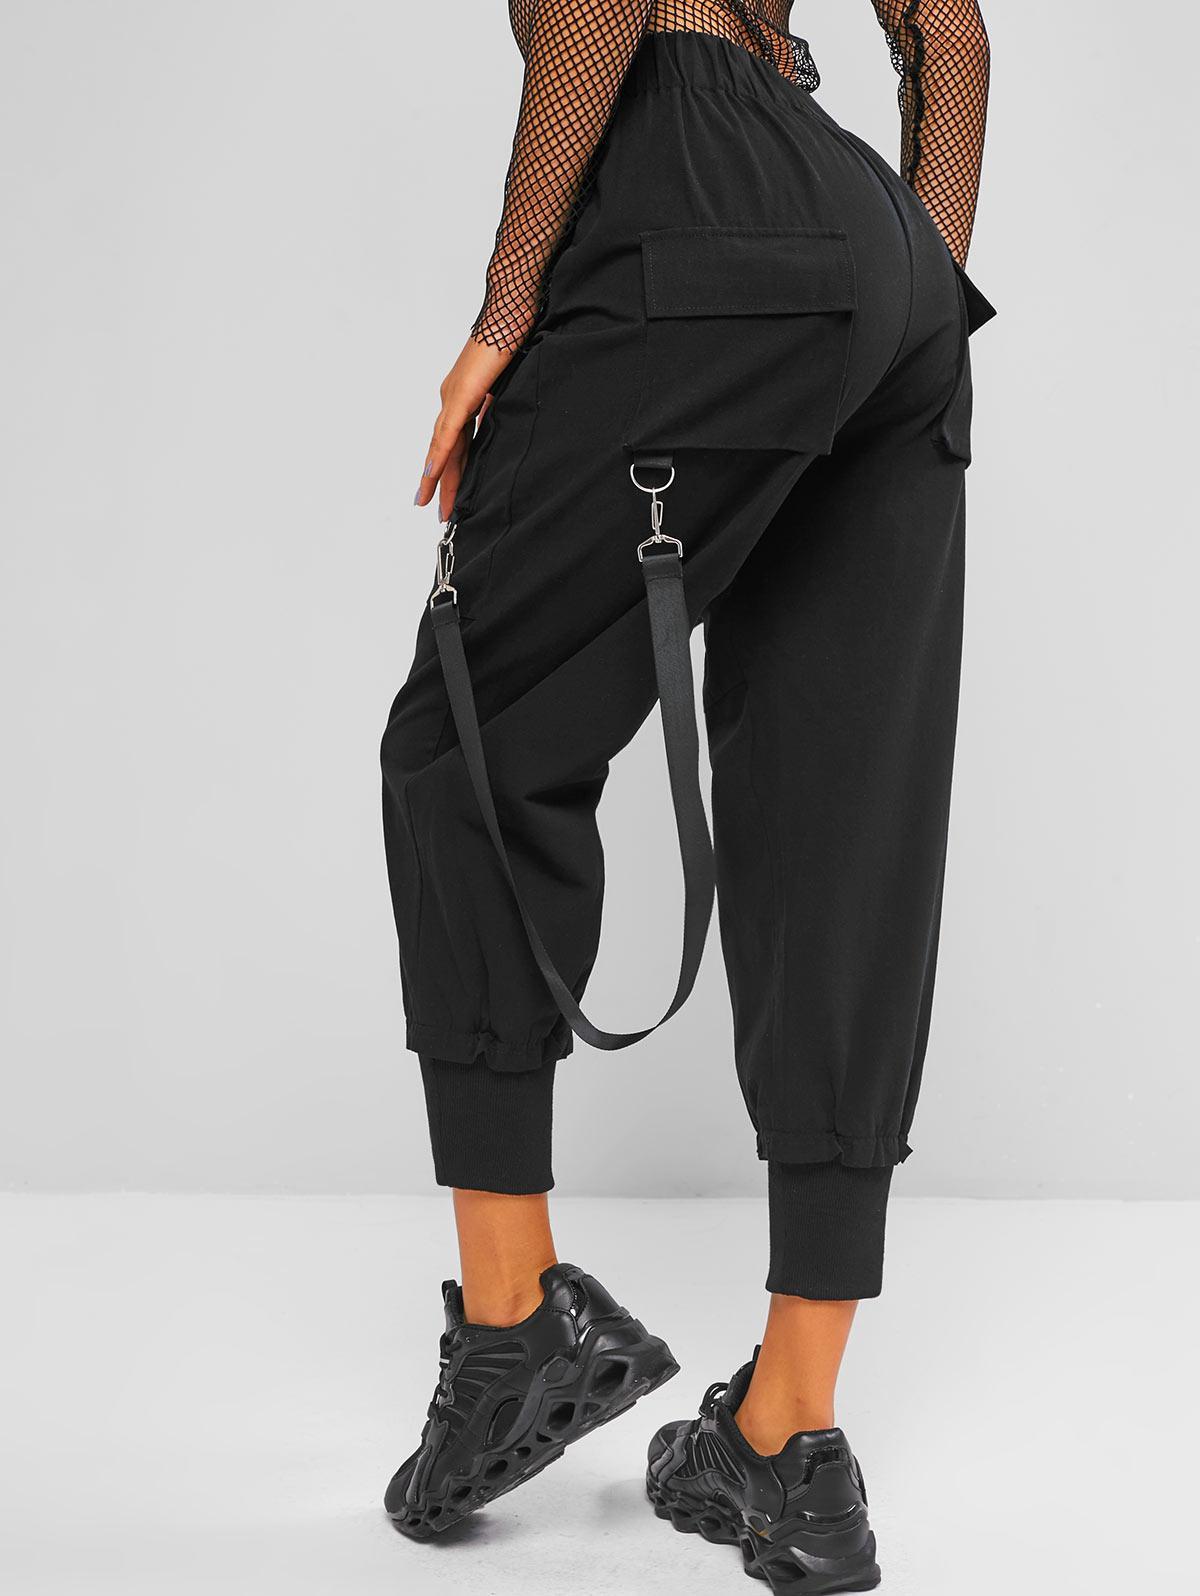 ZAFUL Streetwear Straps Cargo Pants